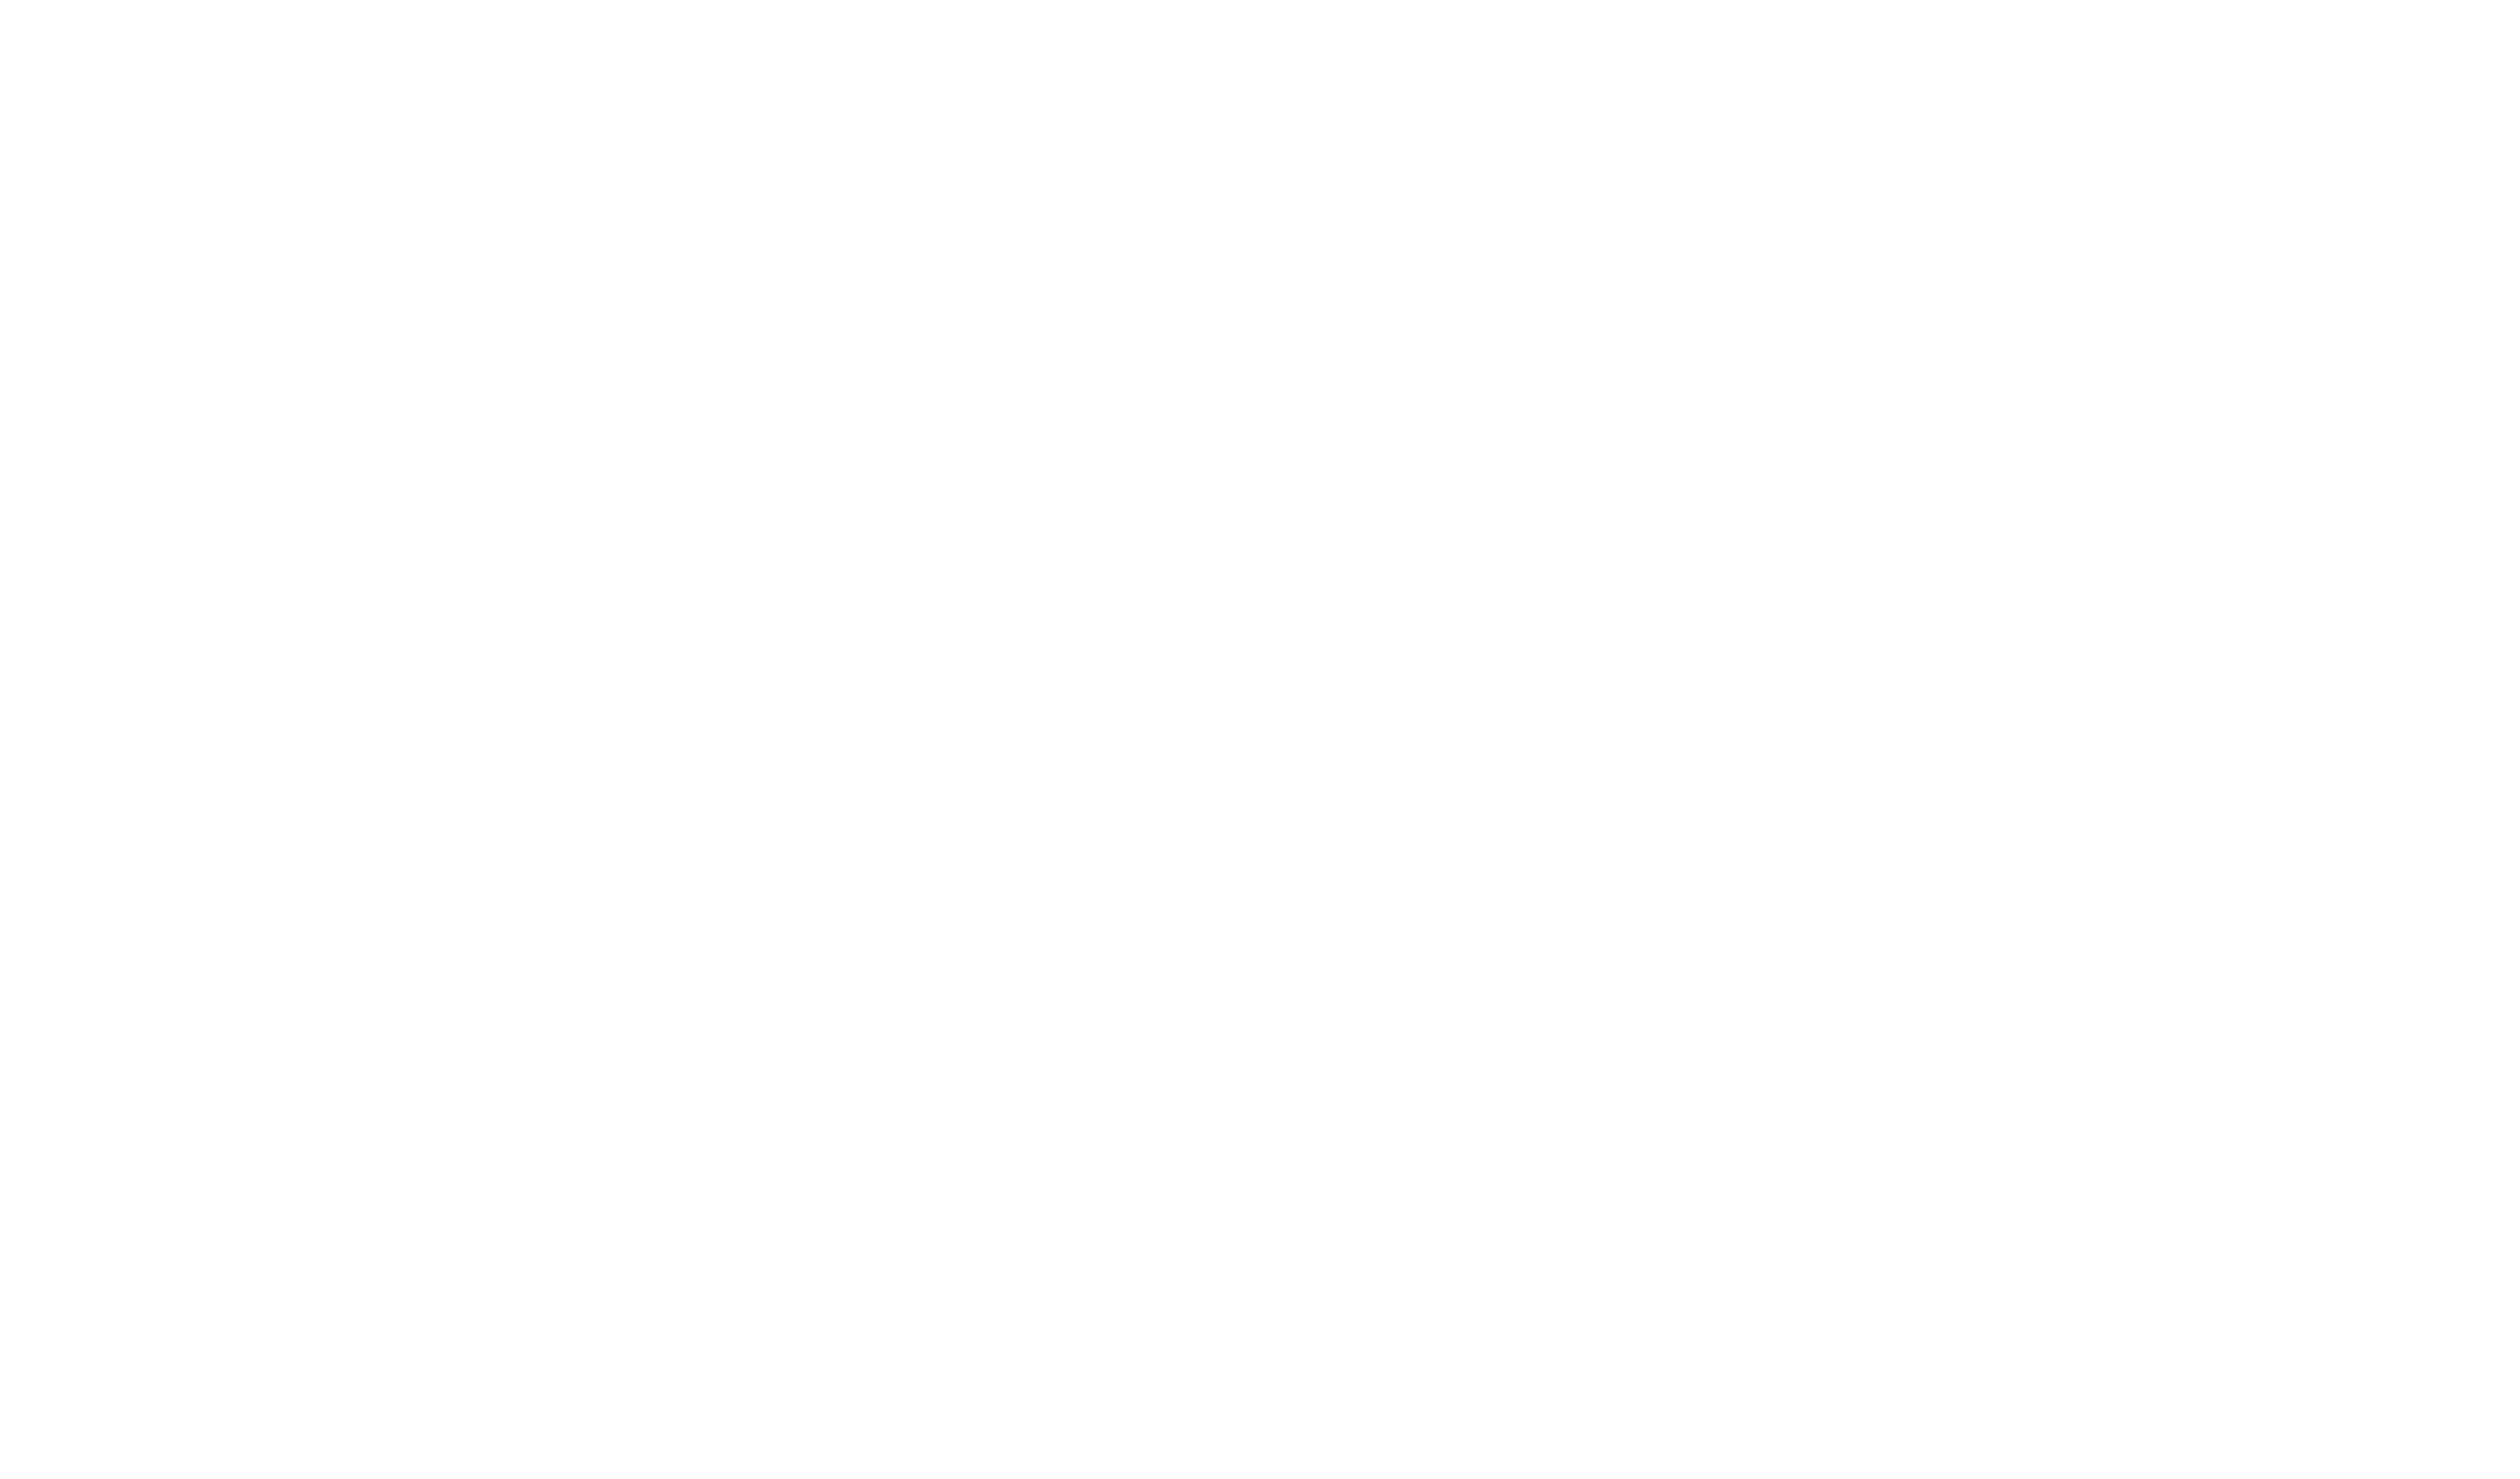 logo_h_v1-02